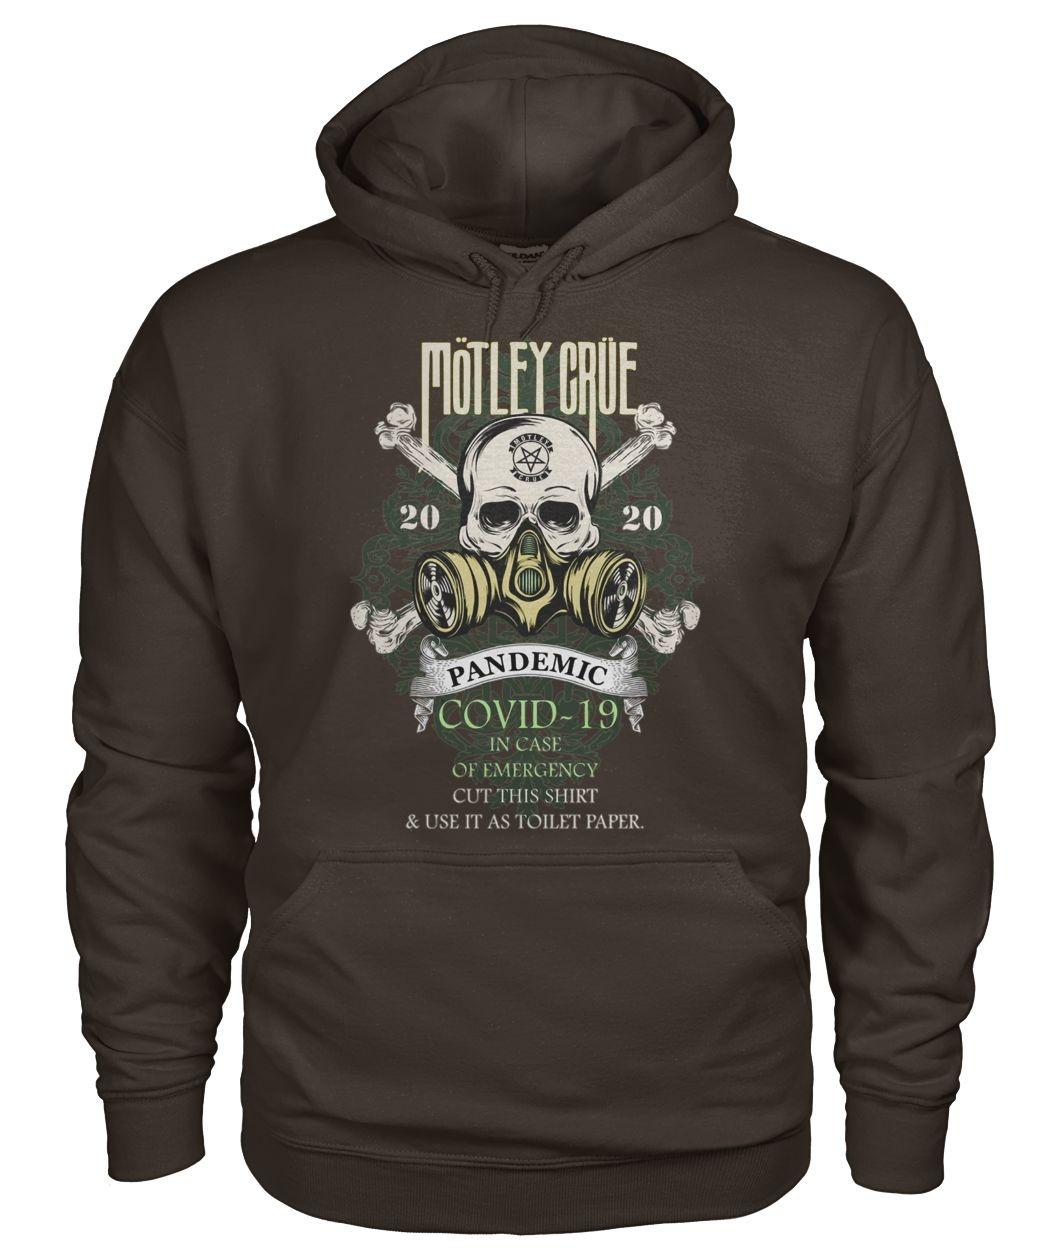 Mötley Crüe 2020 Covid-19 Pandemic Skull Hoodie